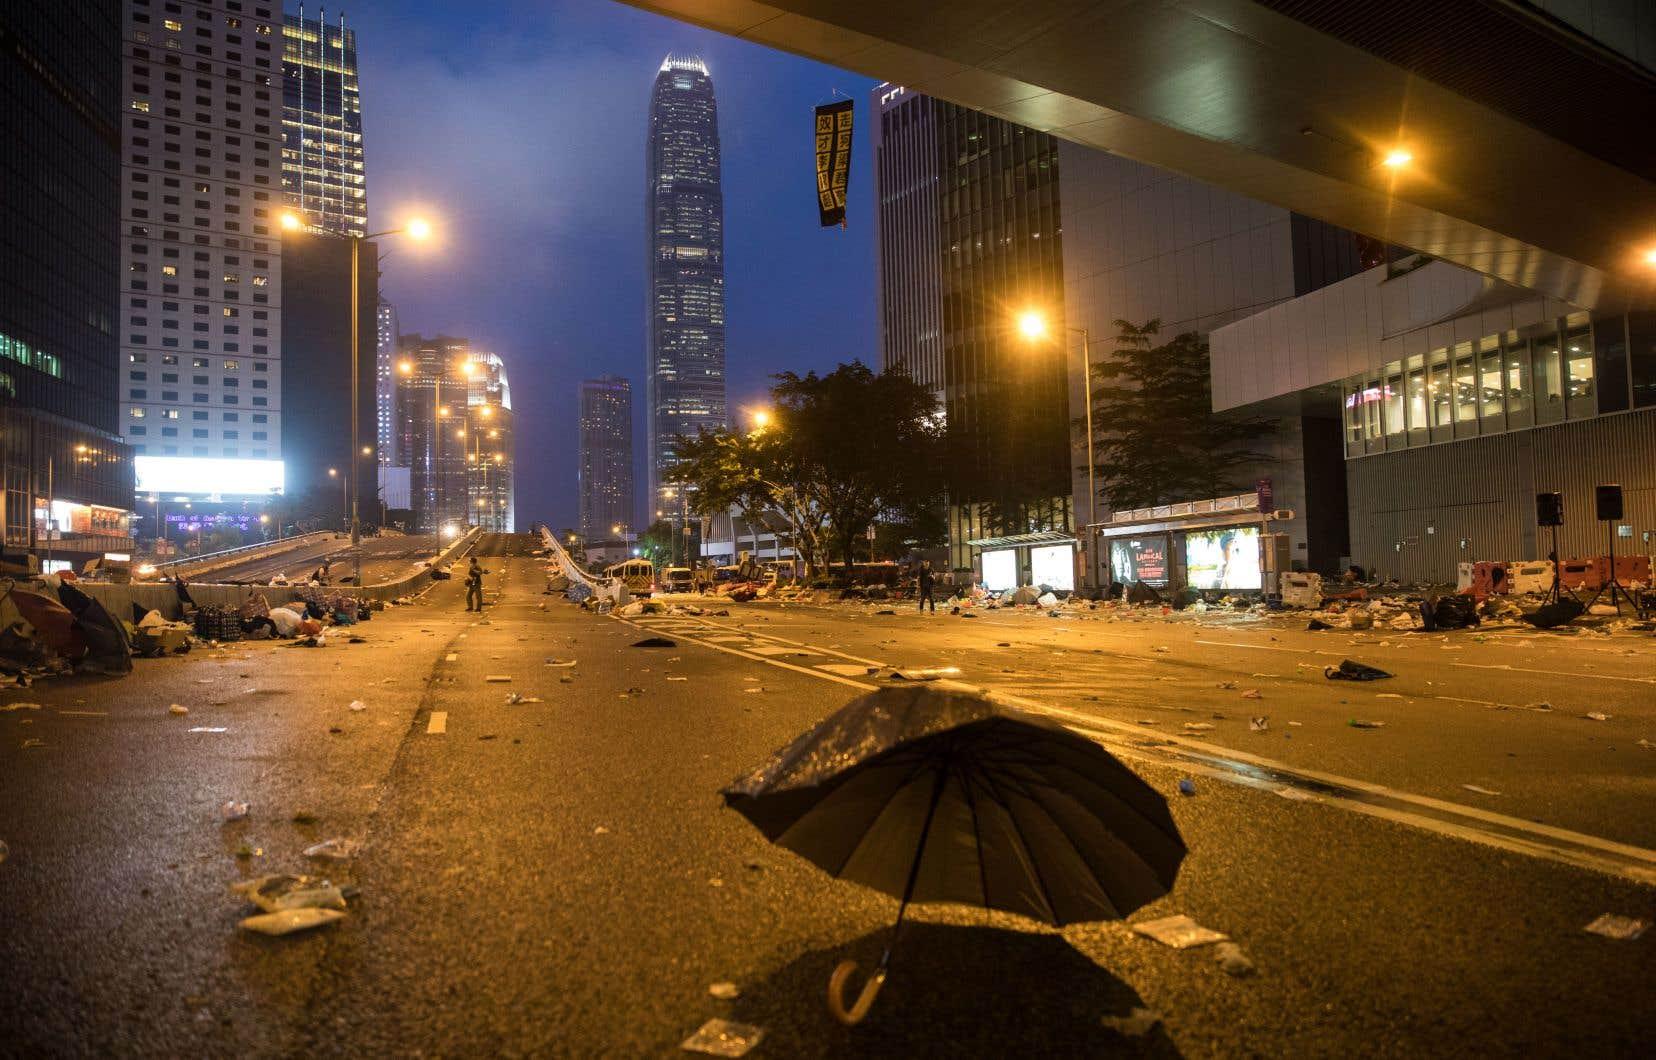 <p>Moins de 24heures après les faits, les rues à la propreté impeccable en temps normal témoignent des affrontements dans le cœur politique et financier de Hong Kong.</p>